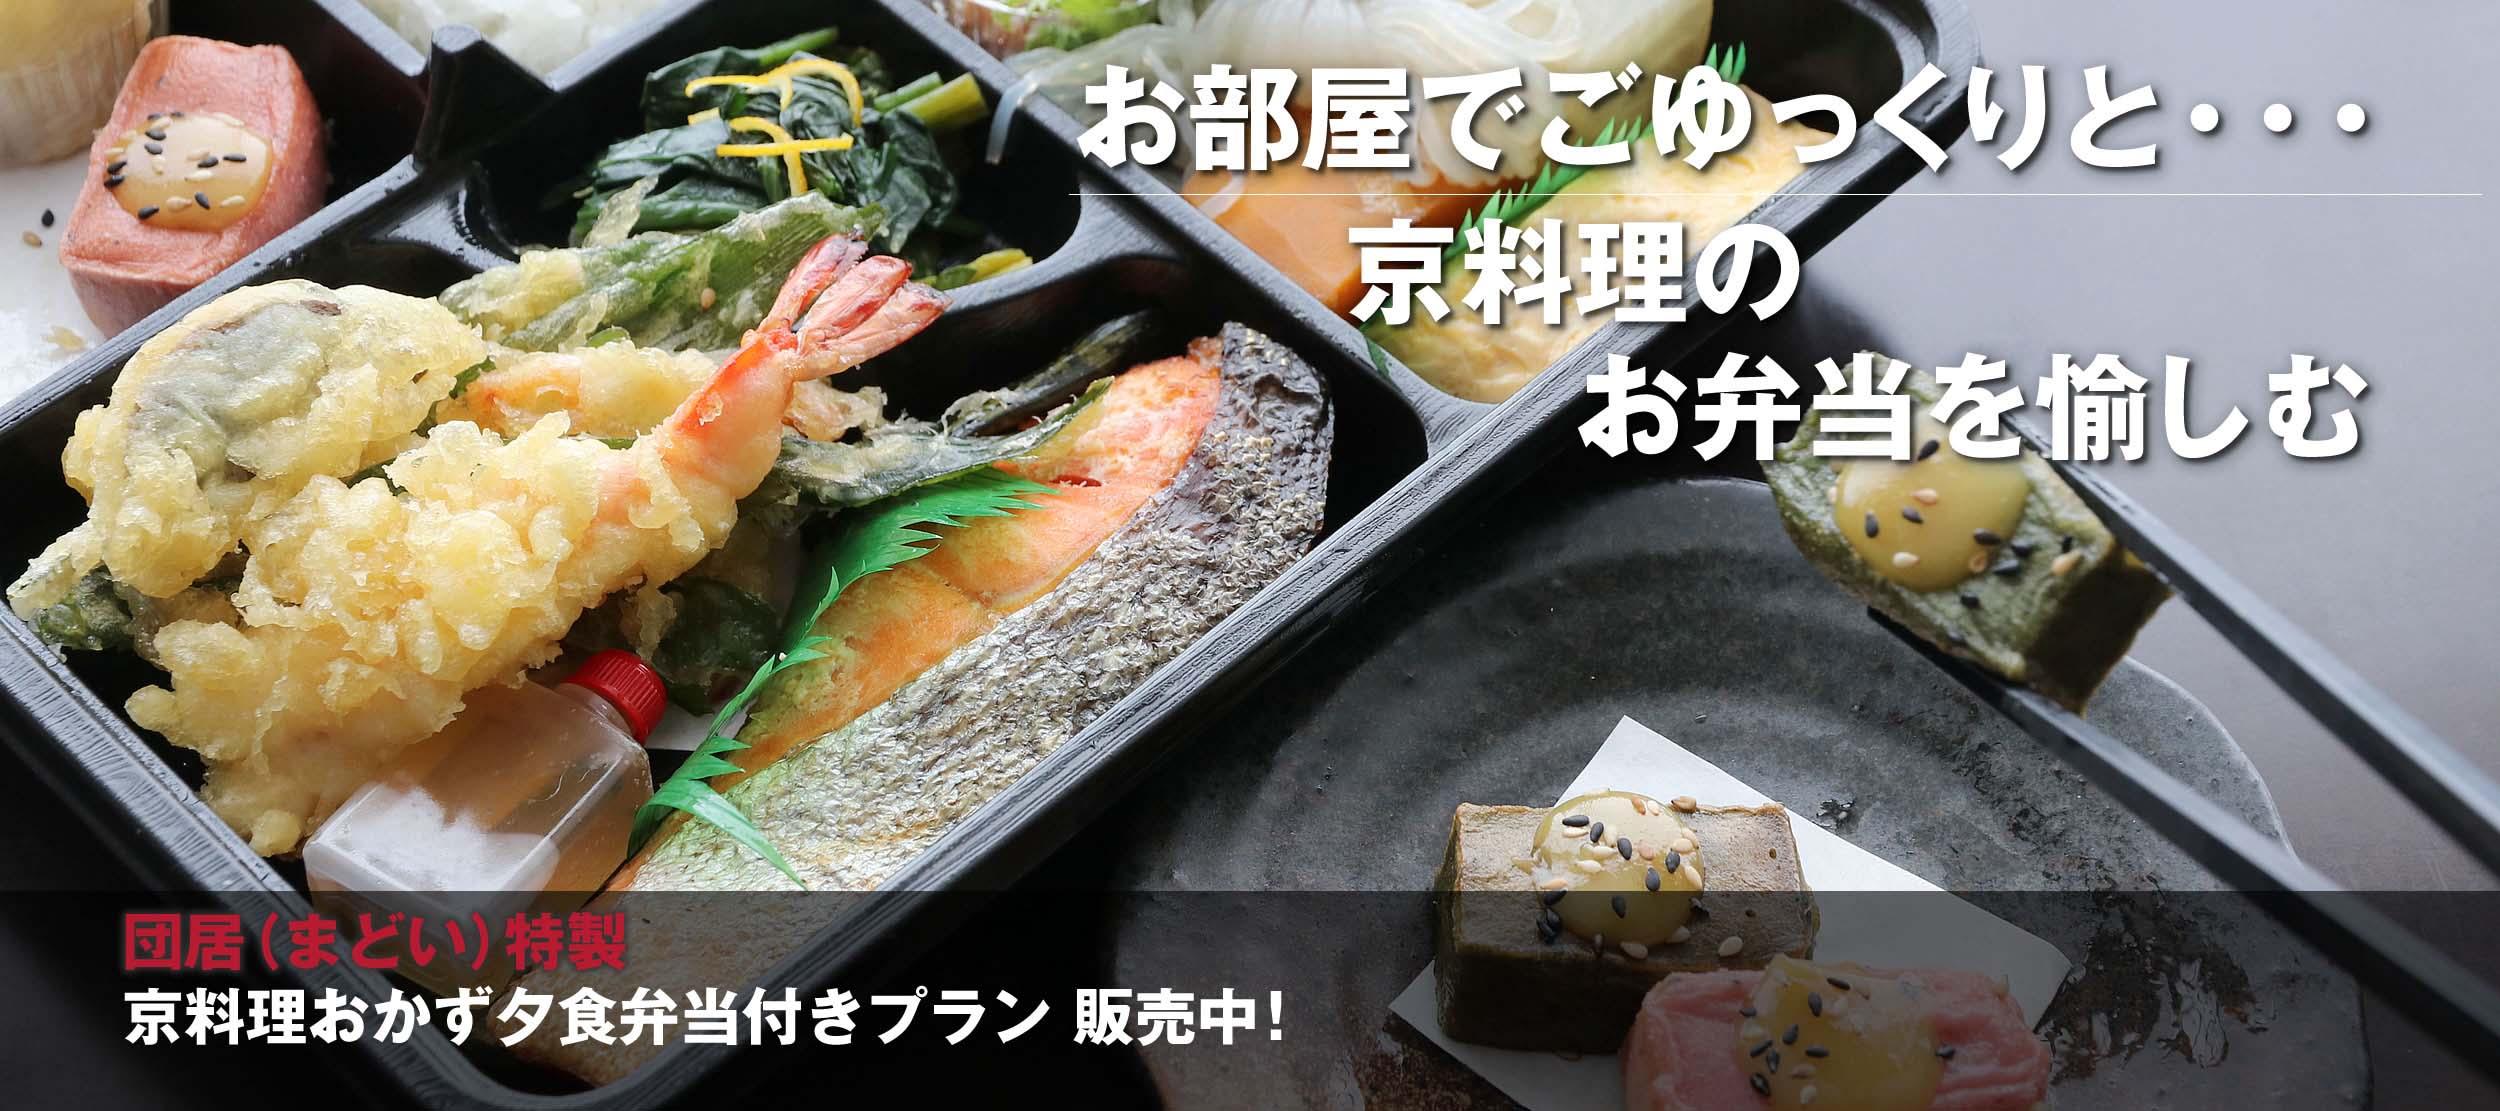 京料理おかず夕食弁当付きプラン